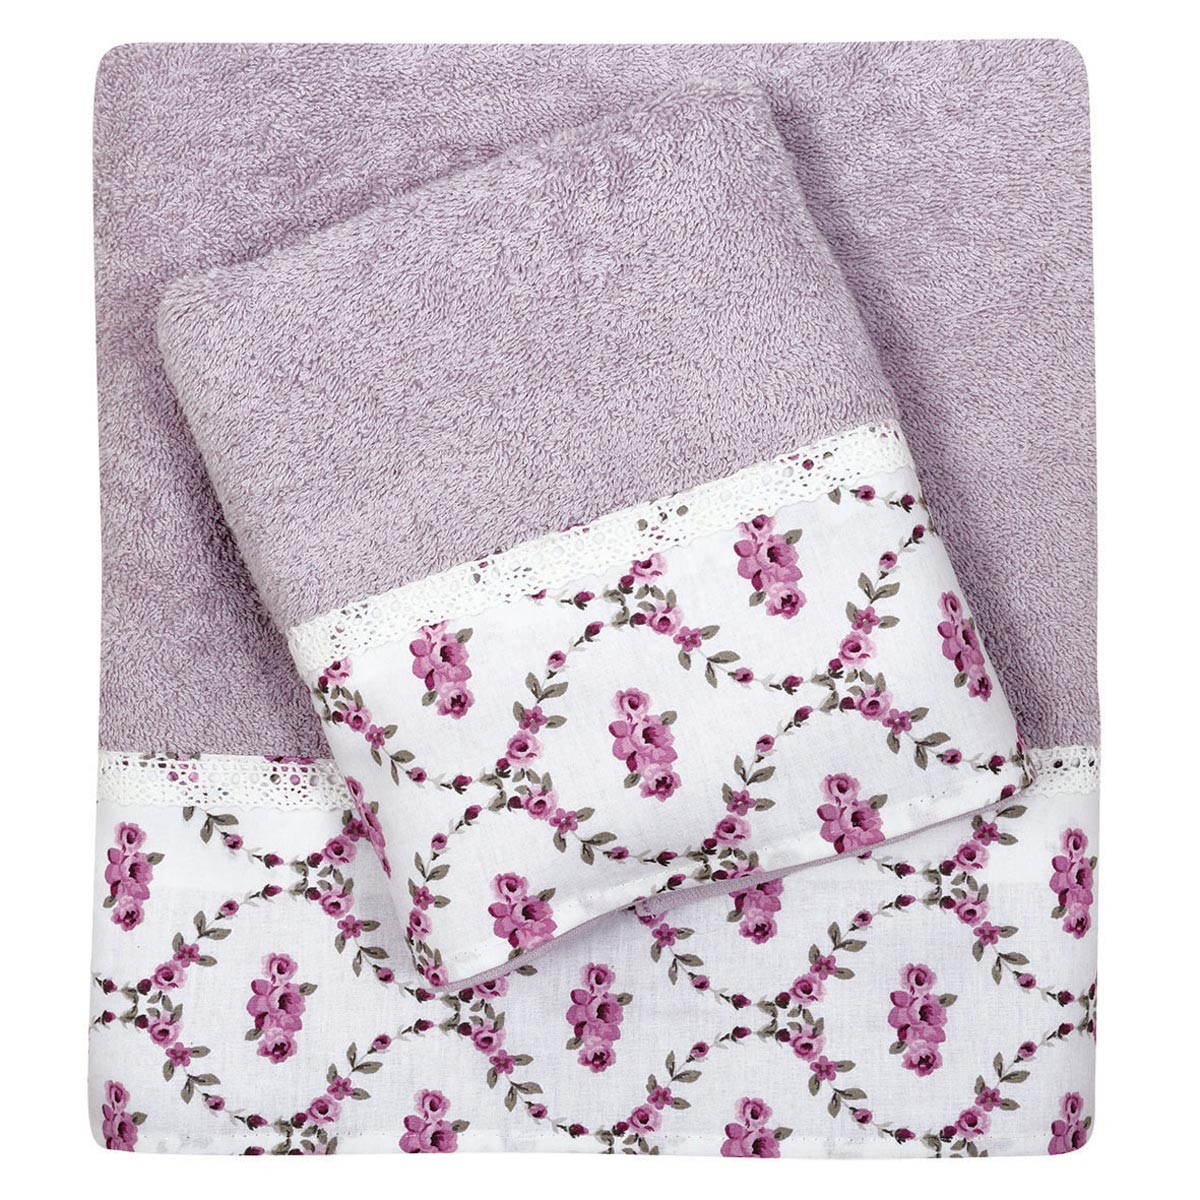 Πετσέτες Μπάνιου (Σετ 3τμχ) Das Home Daily Line 316